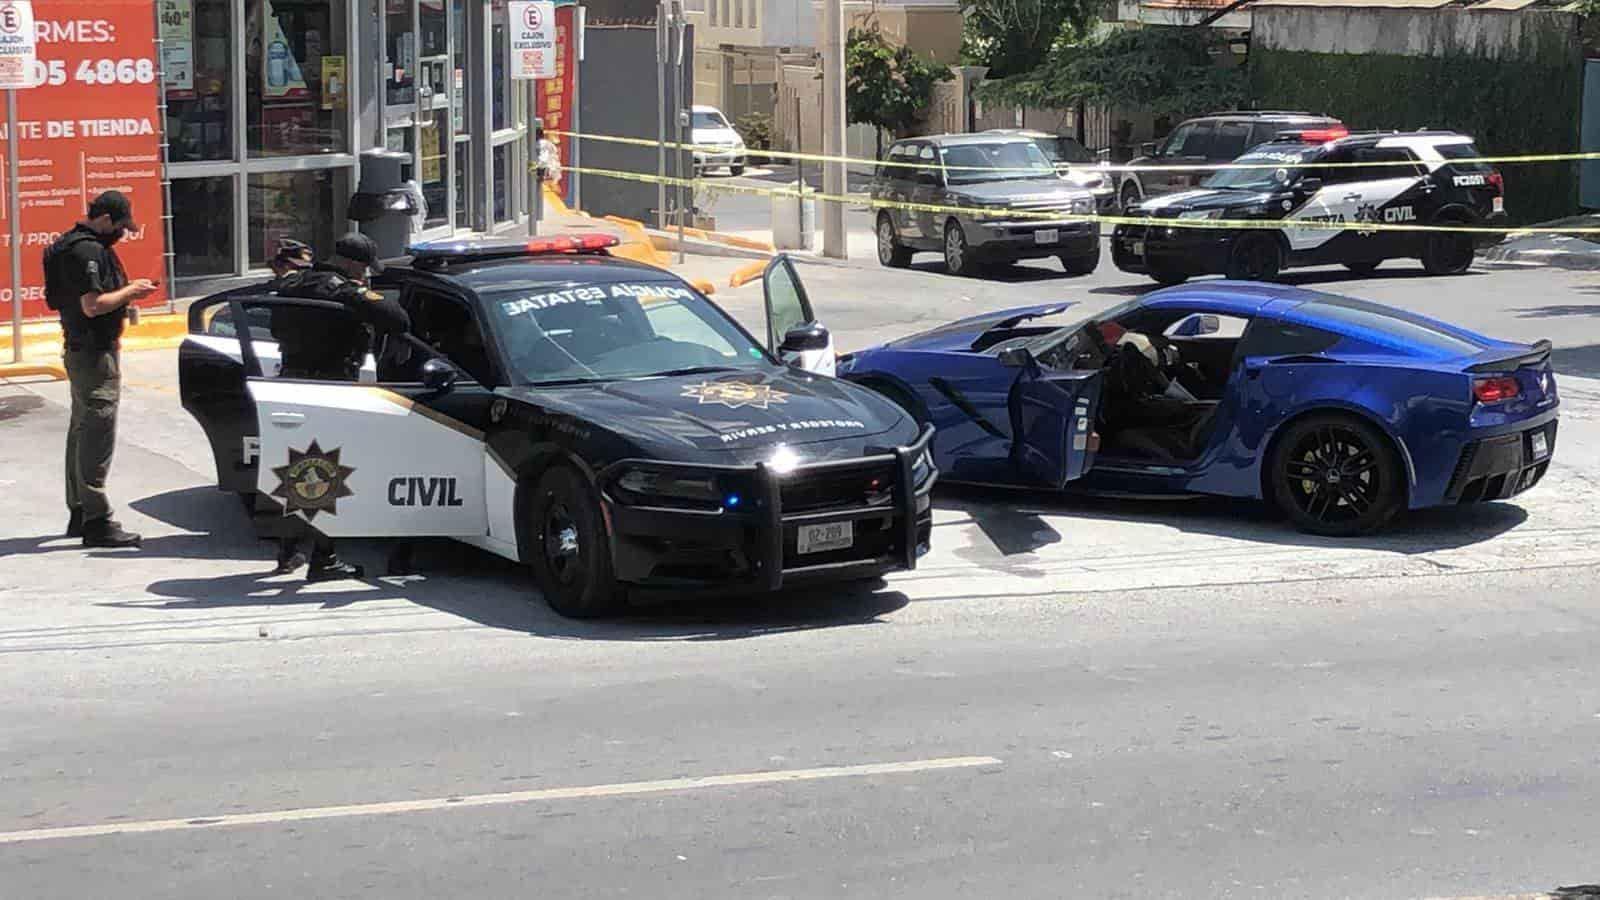 El propietario de un car wash fue herido de gravedad al ser atacado por un grupo de pistoleros